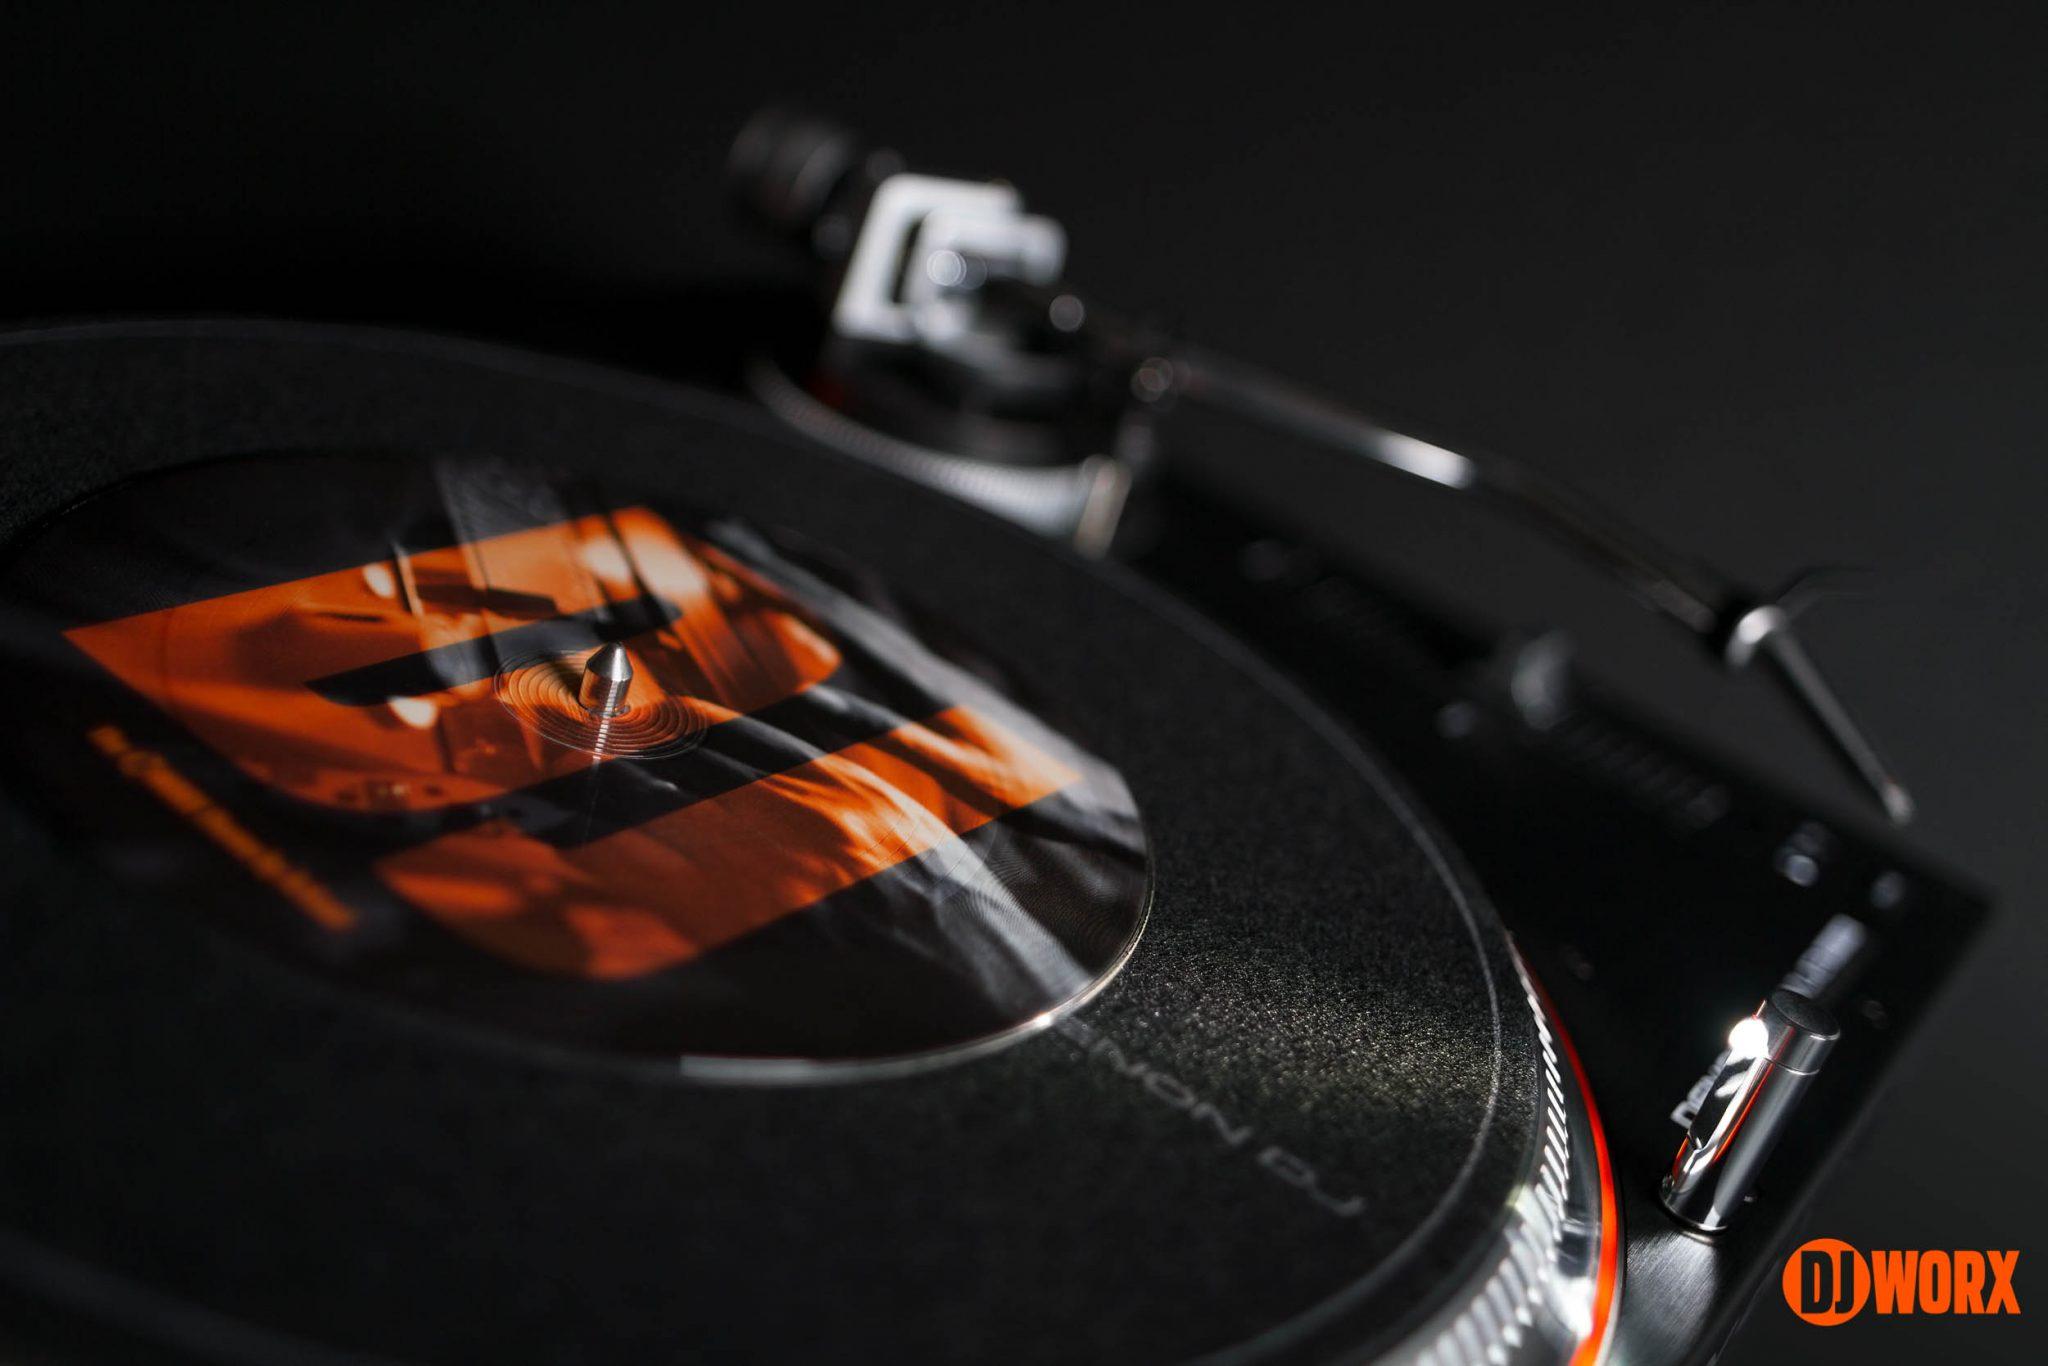 Denon DJ L12 Prime turntable review DJWORX (1)